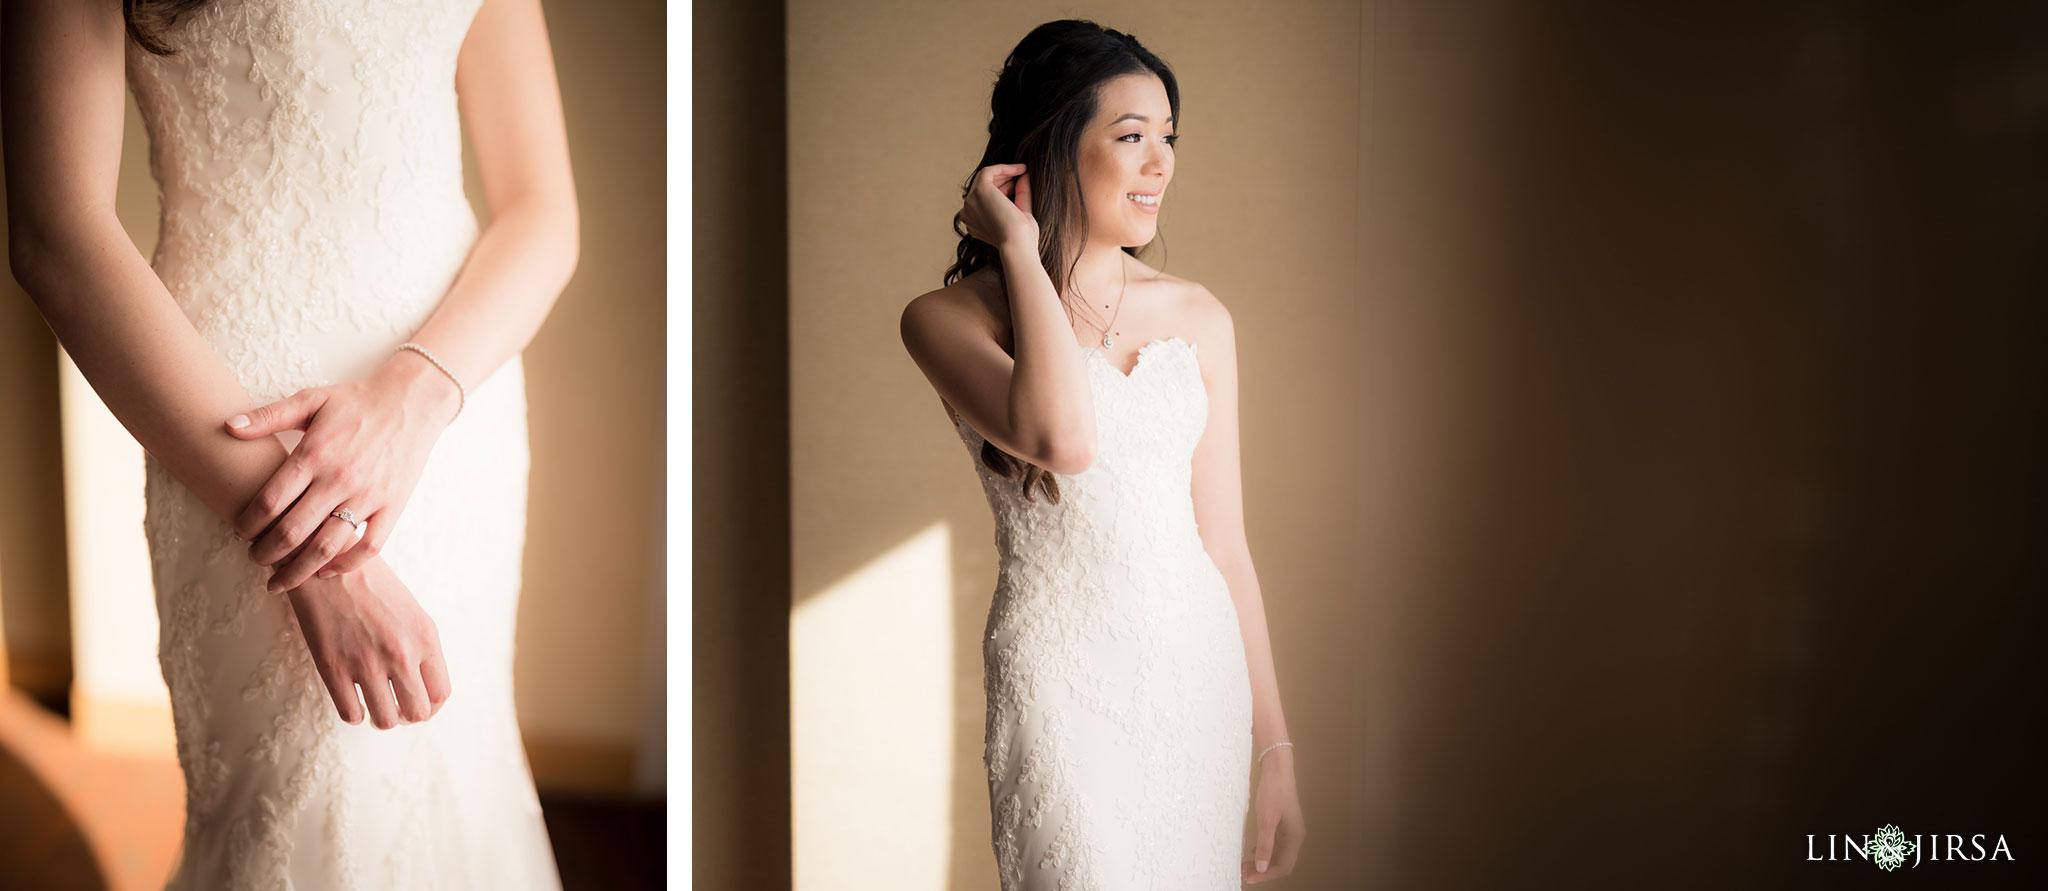 14 hilton costa mesa bride wedding photography